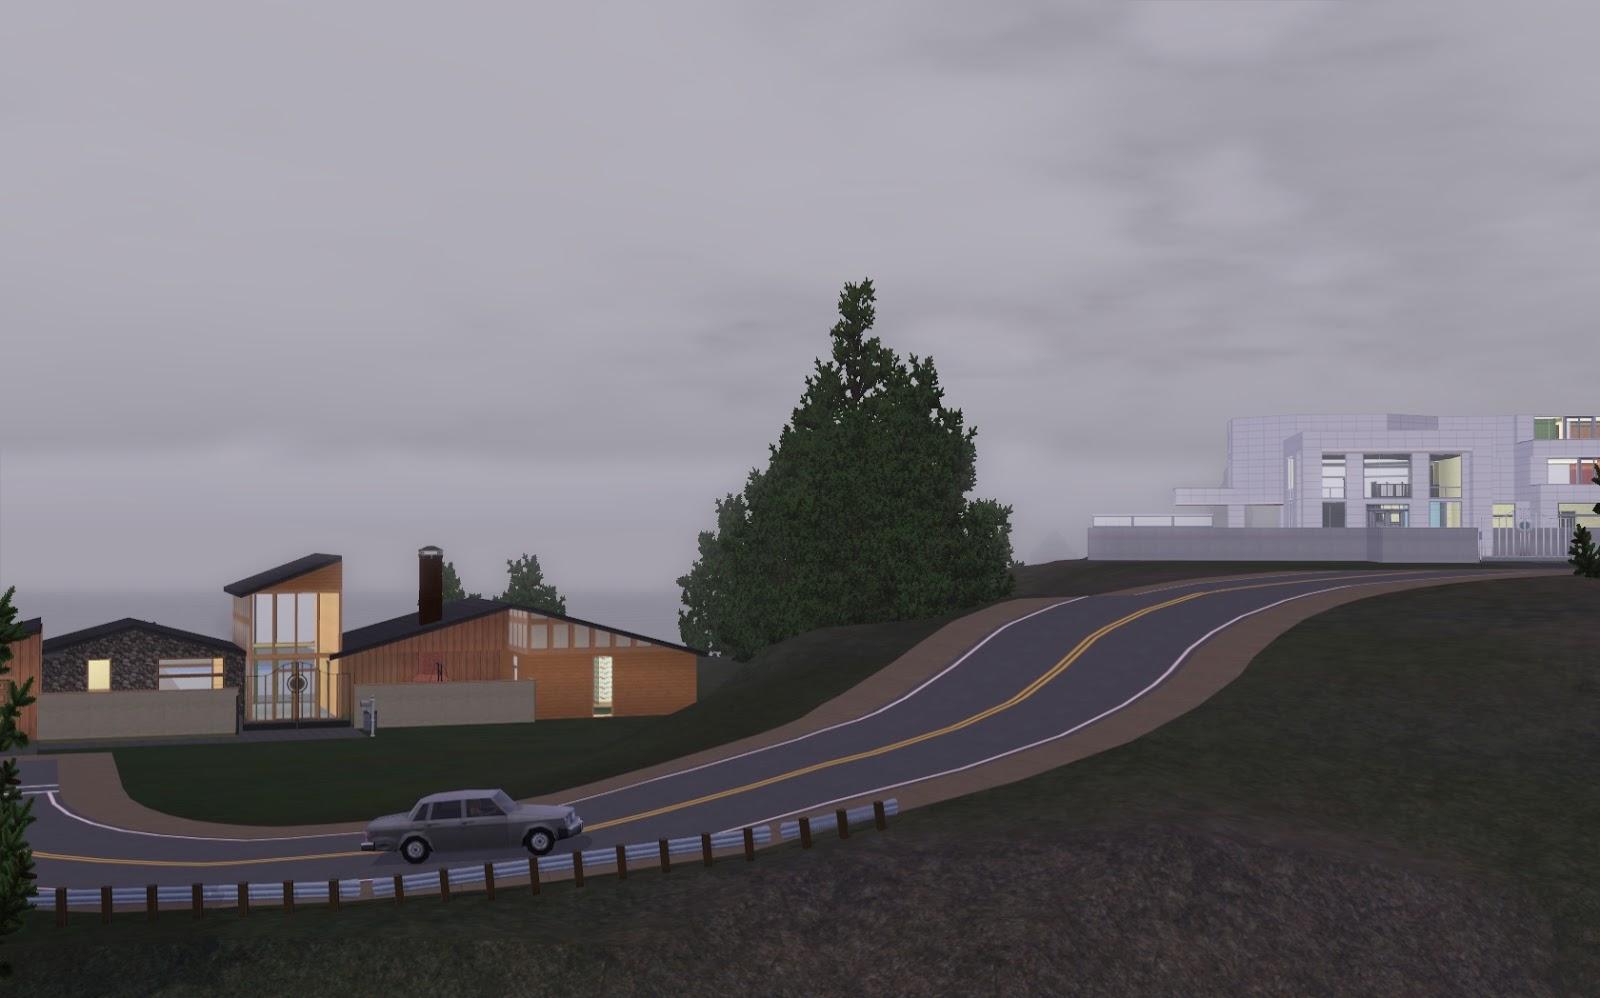 Summer's Little Sims 3 Garden: Bridgeport (The Sims 3: Late